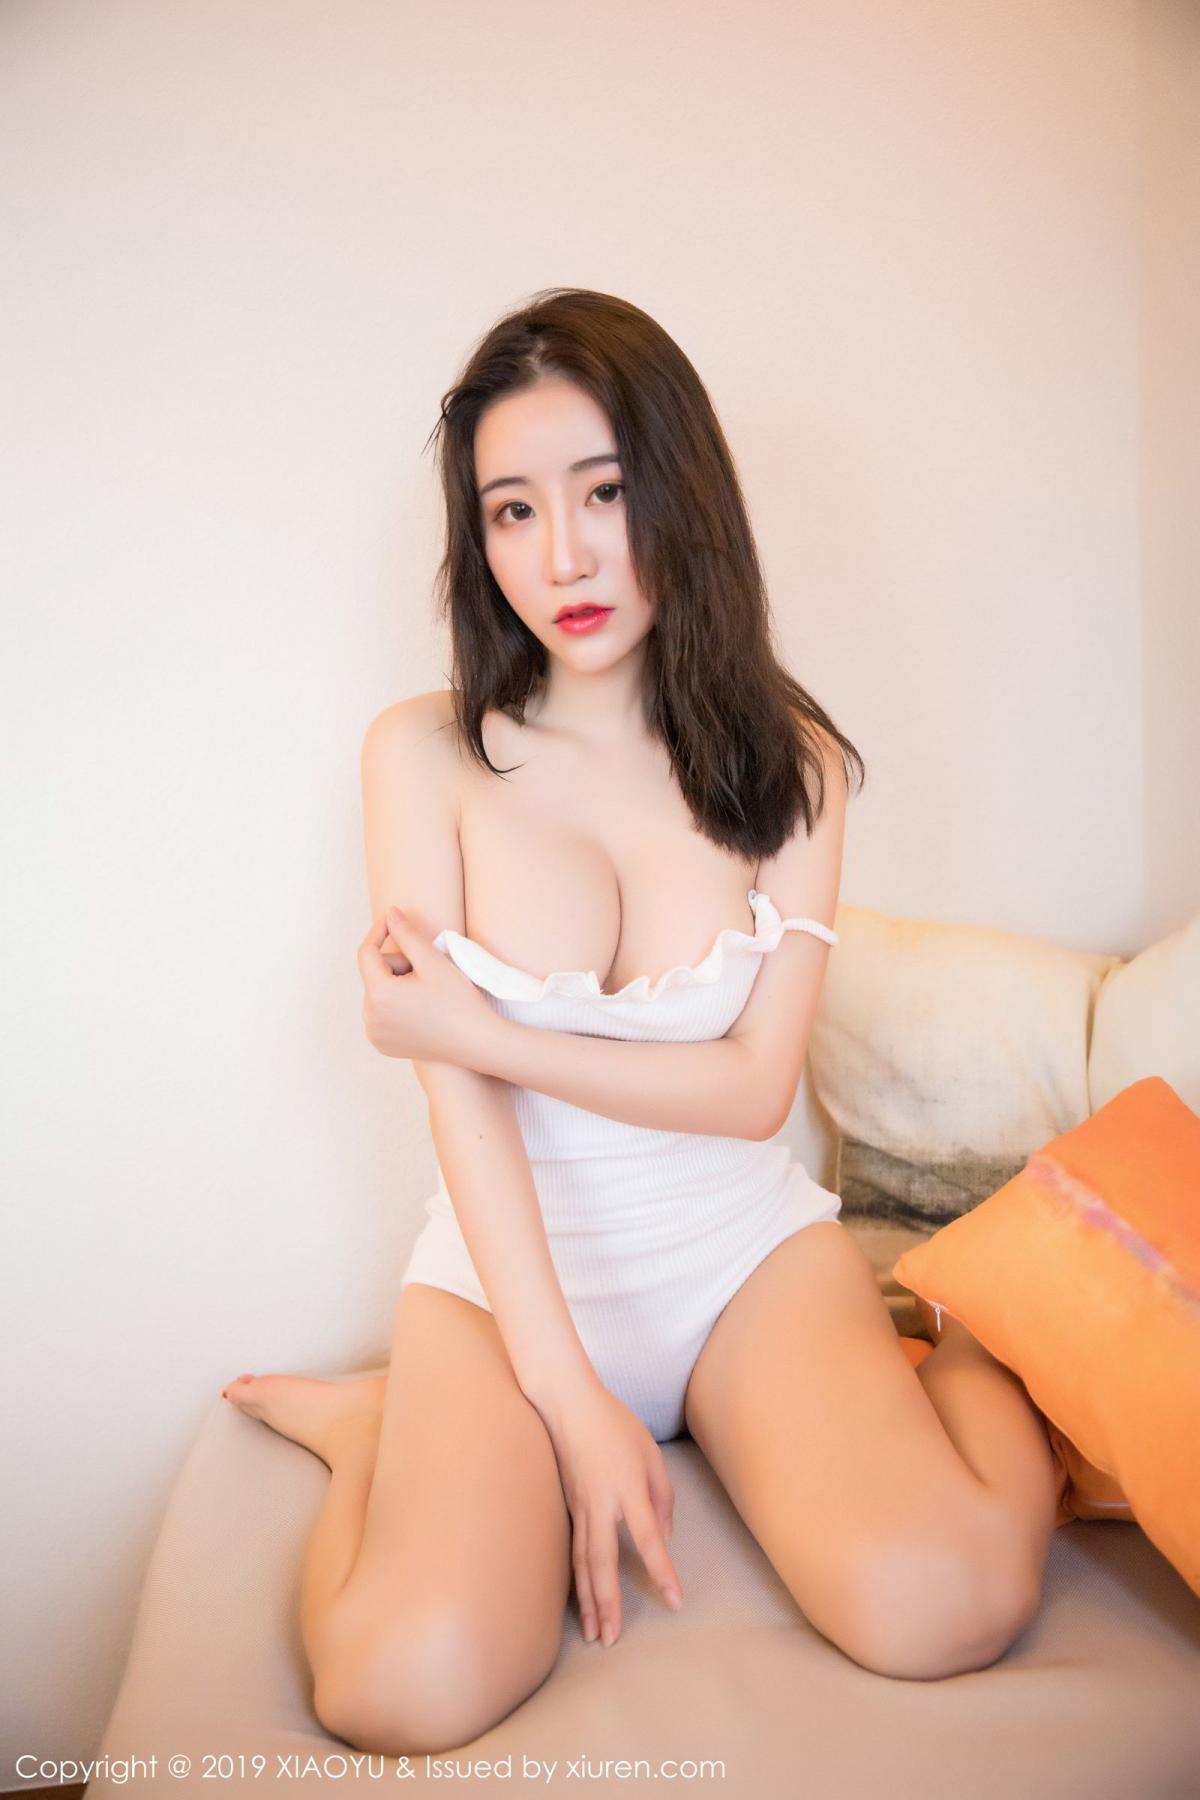 [XiaoYu] Vol.071 Xie Zhi Xin 11P, Bikini, XiaoYu, Xie Zhi Xin